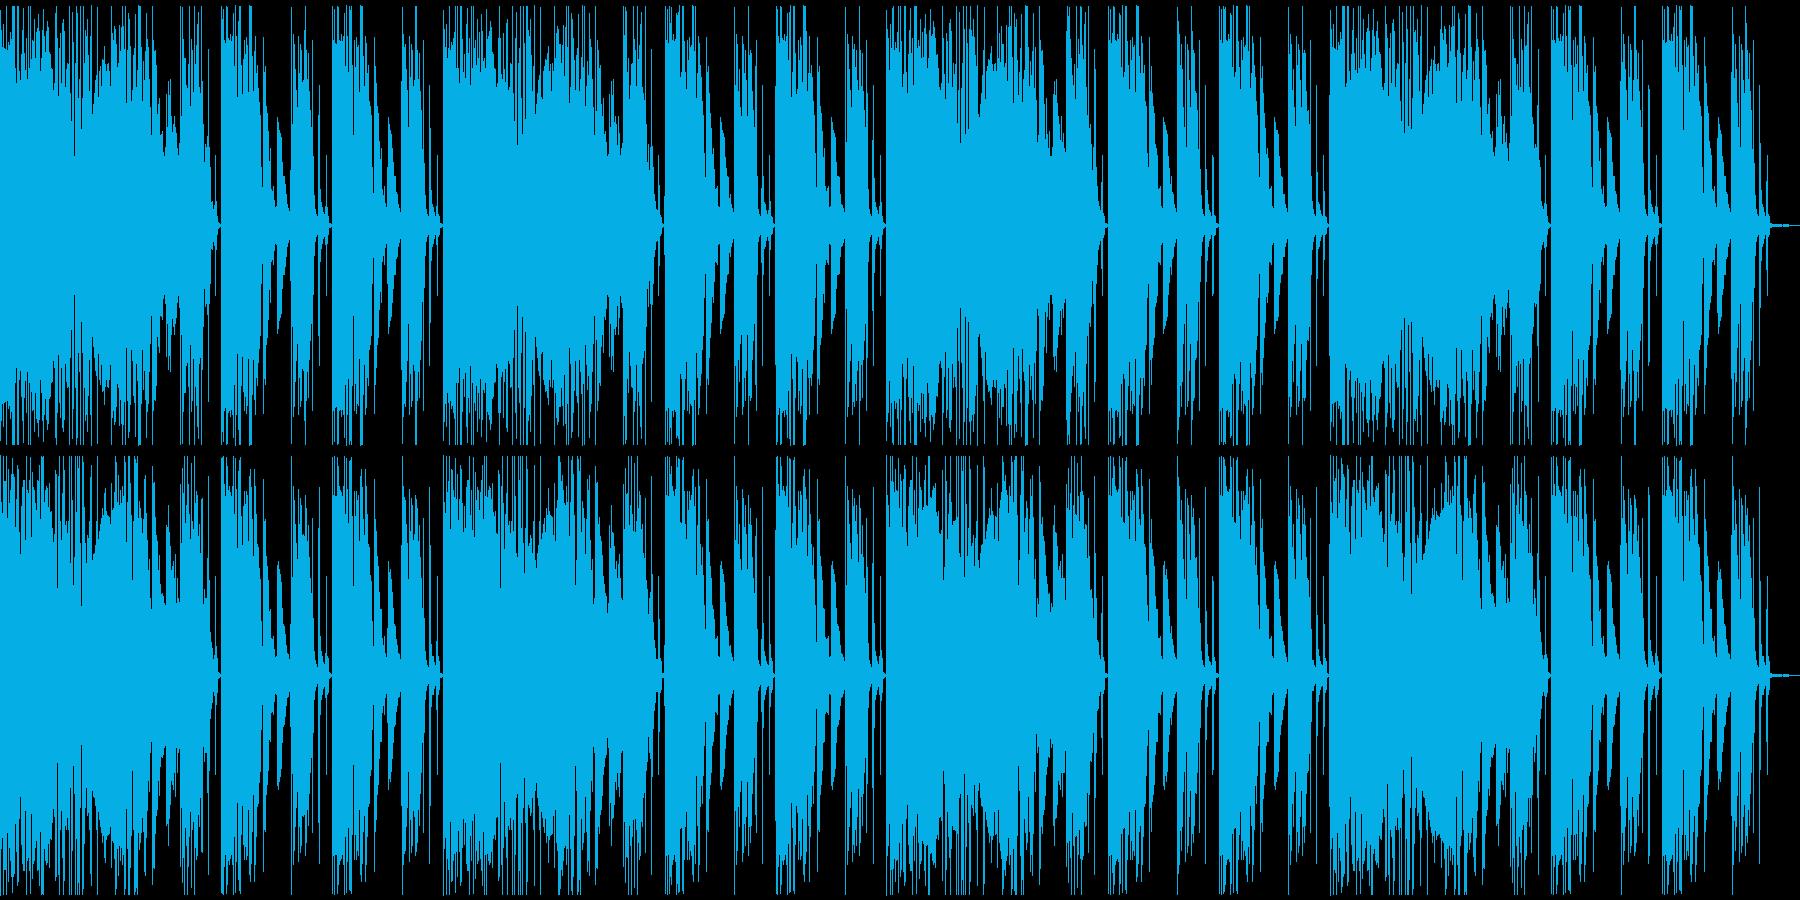 【エレクトロニカ】ロング4、ミディアム2の再生済みの波形